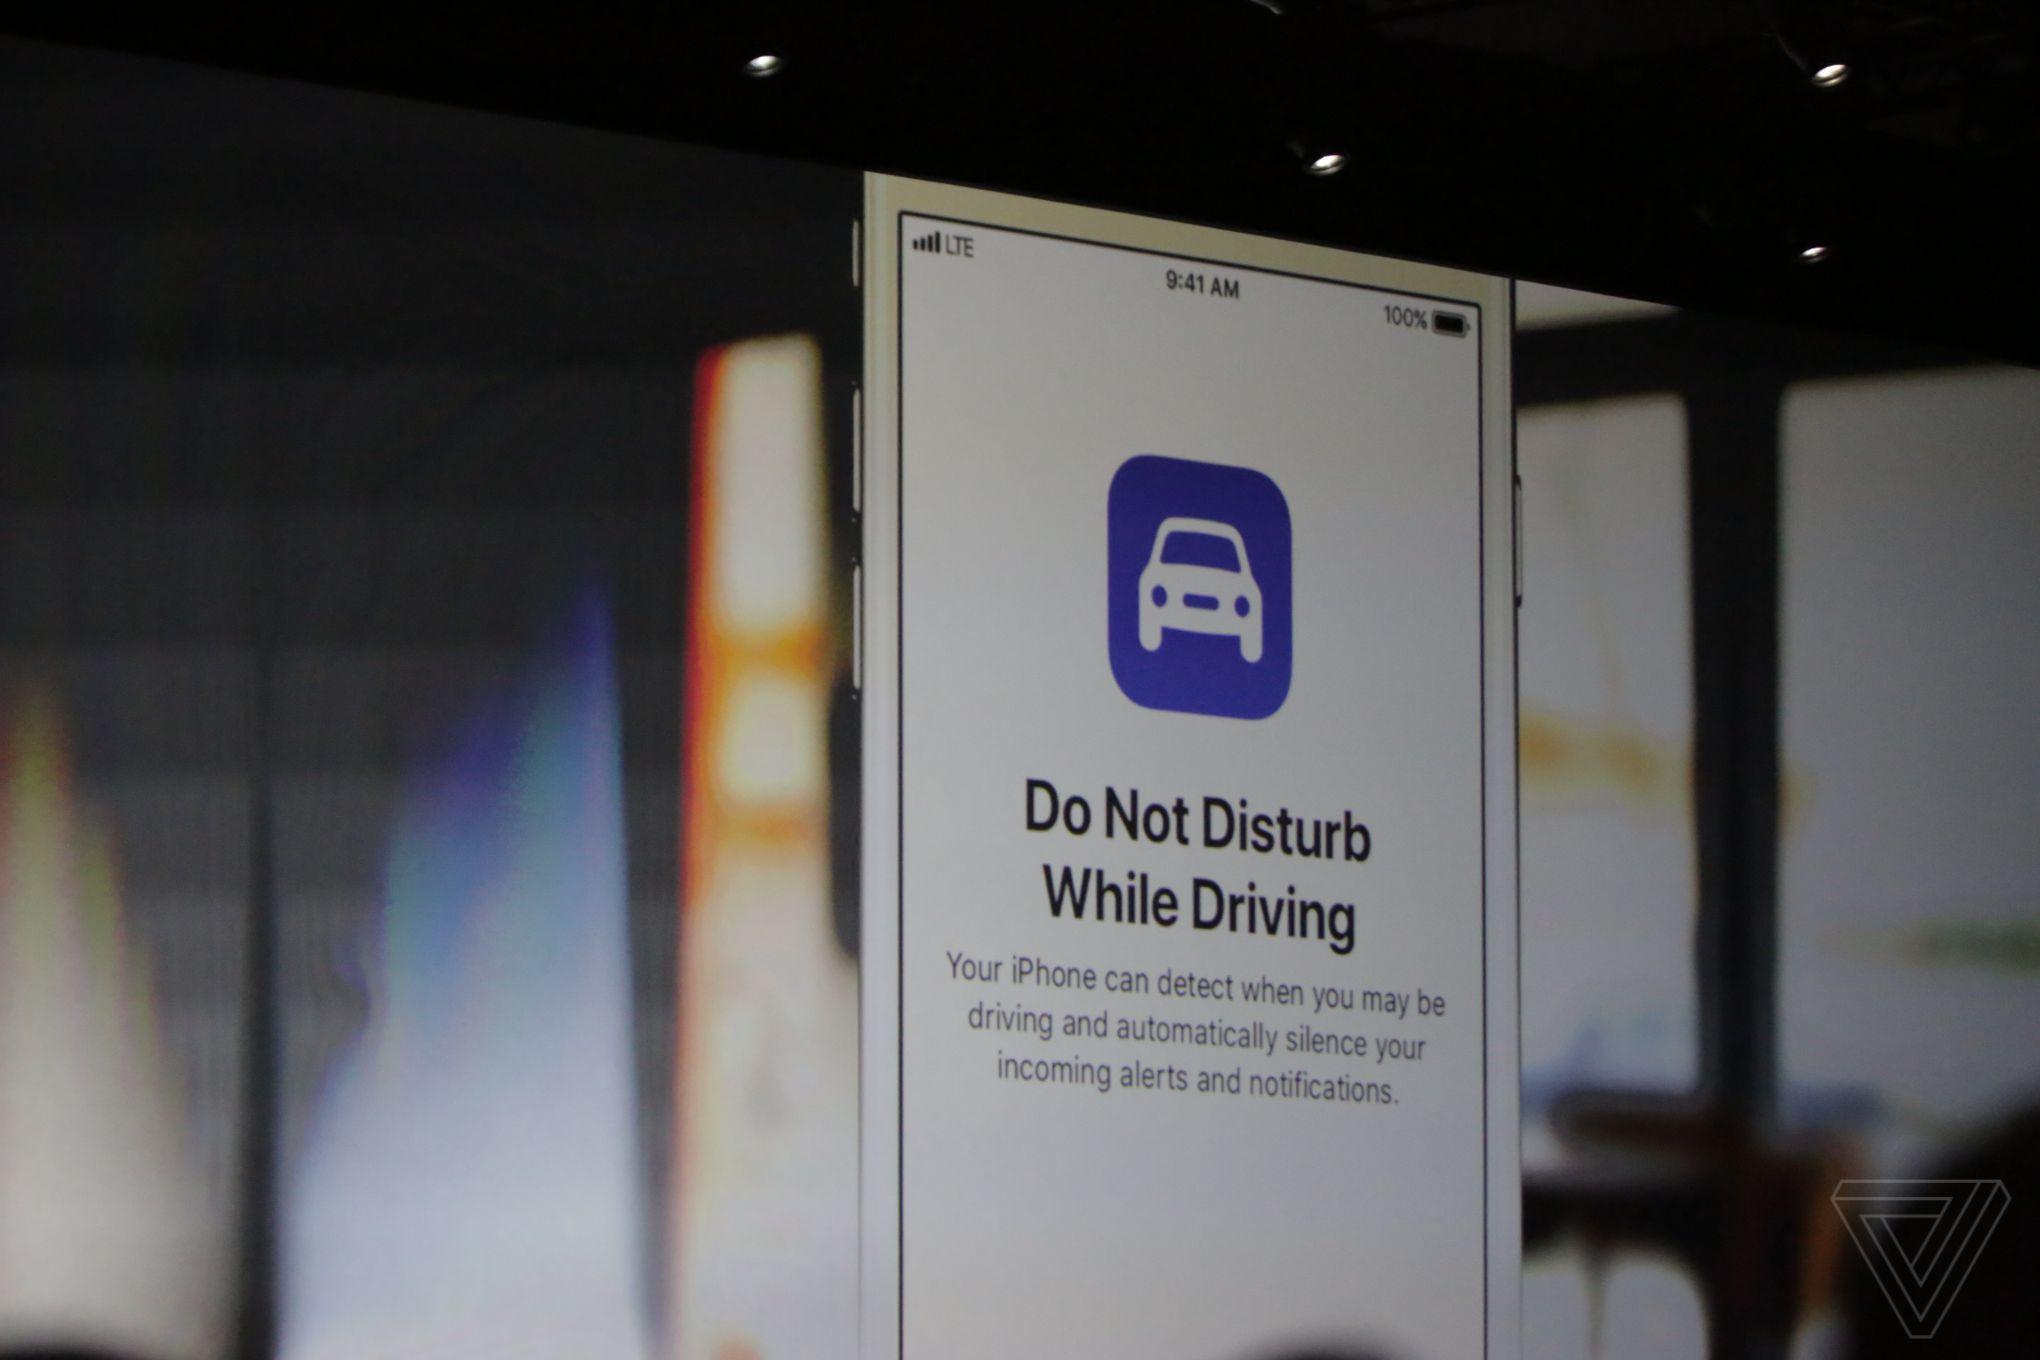 iOS 11 Apple Maps